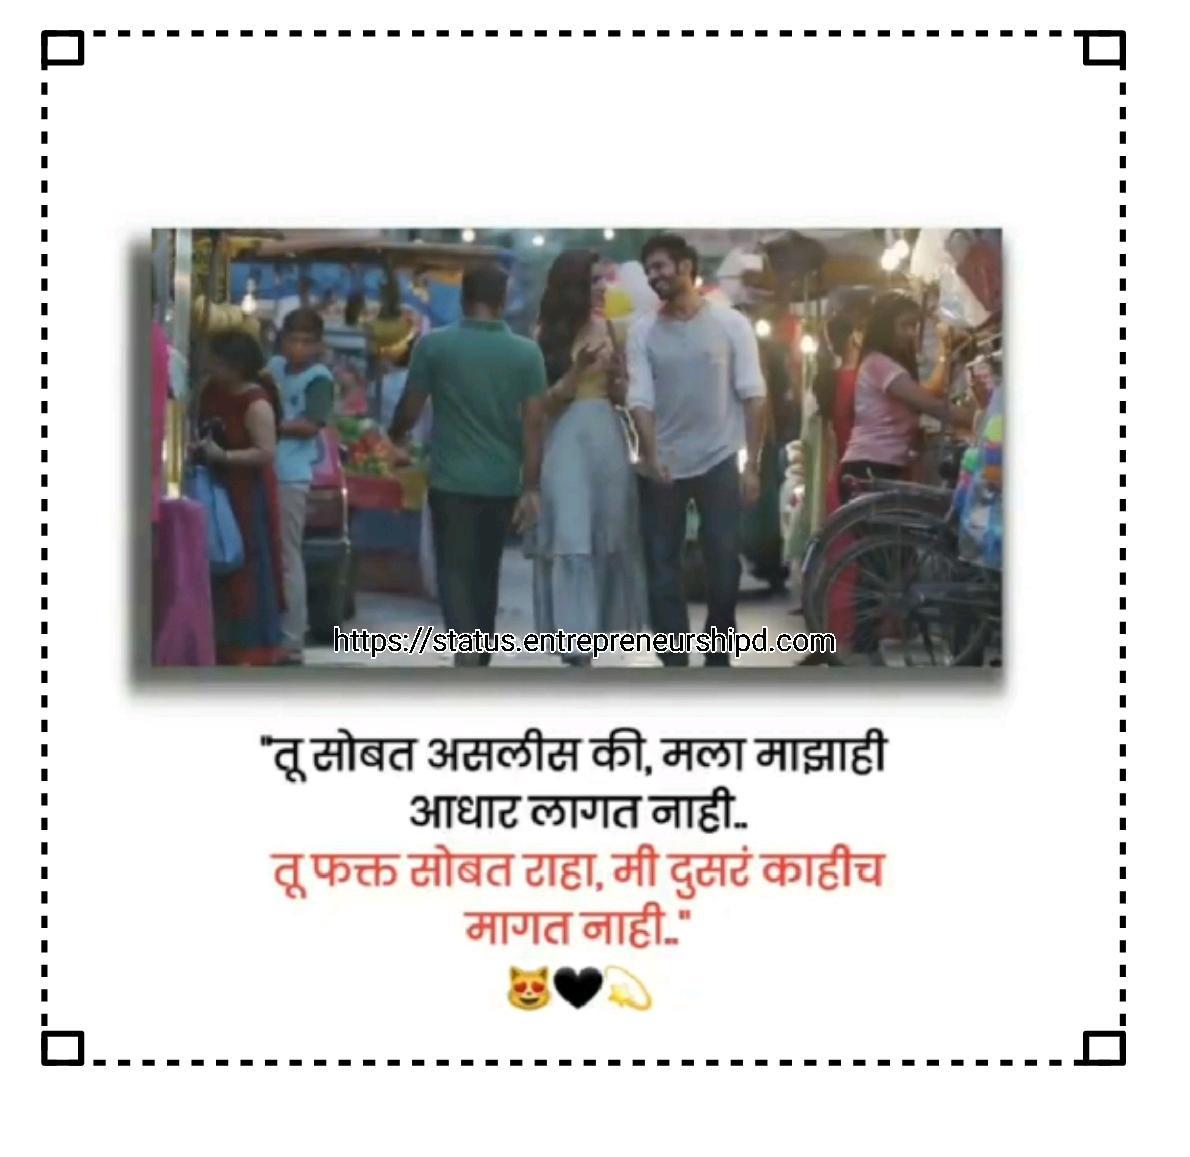 Marathi attitude status text Marathi angry attitude status Marathi alone attitude status Marathi a attitude status Marathi attitude status boy Marathi attitude status bhaigiri